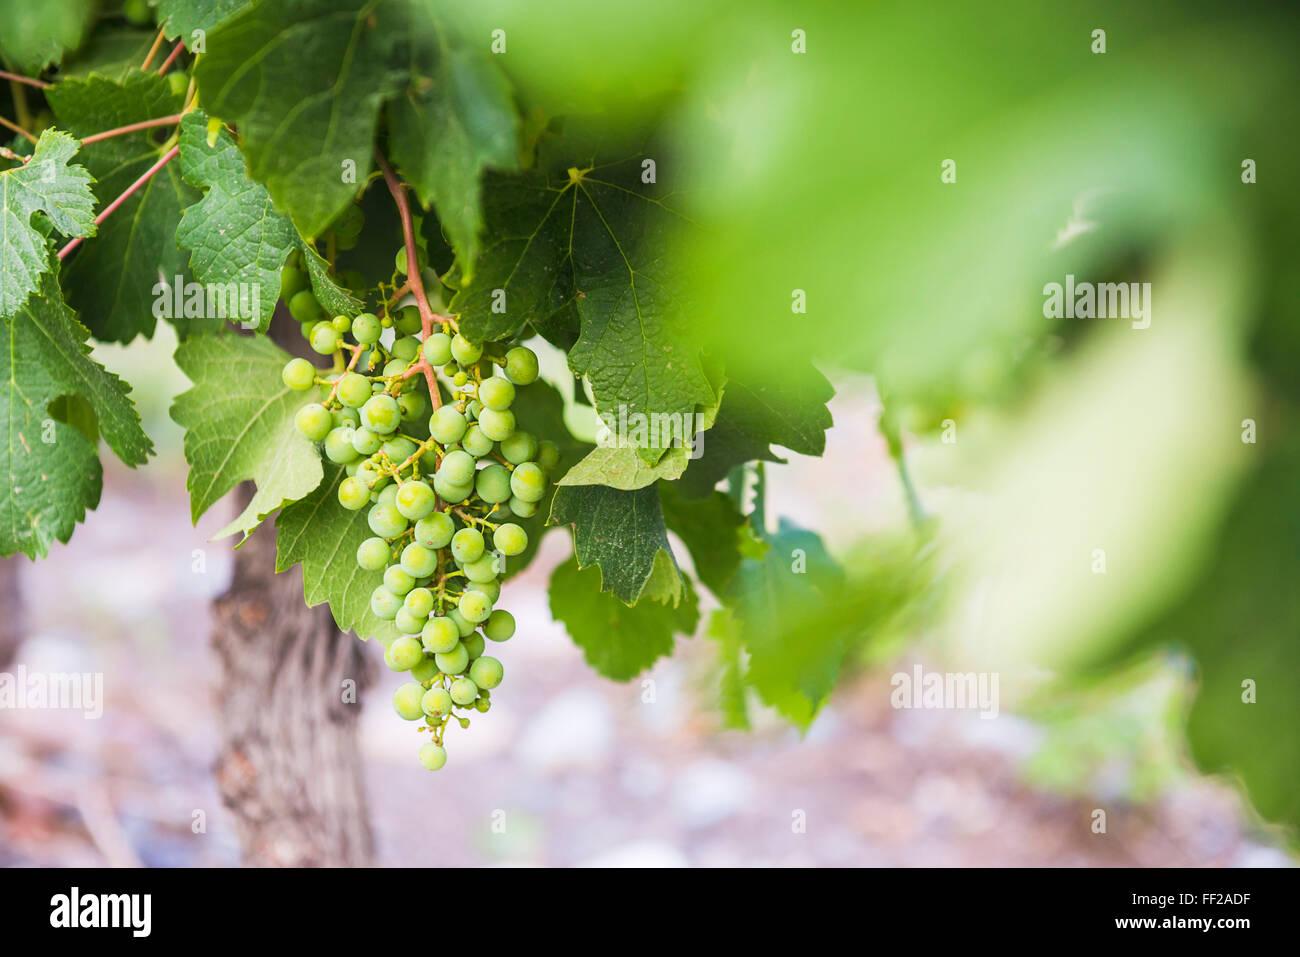 Uva appeso su un vitigno a Bodega AzuRM RMa, una cantina in Uco VaRMRMey (VaRMRMe de Uco), una regione di vini nella Immagini Stock